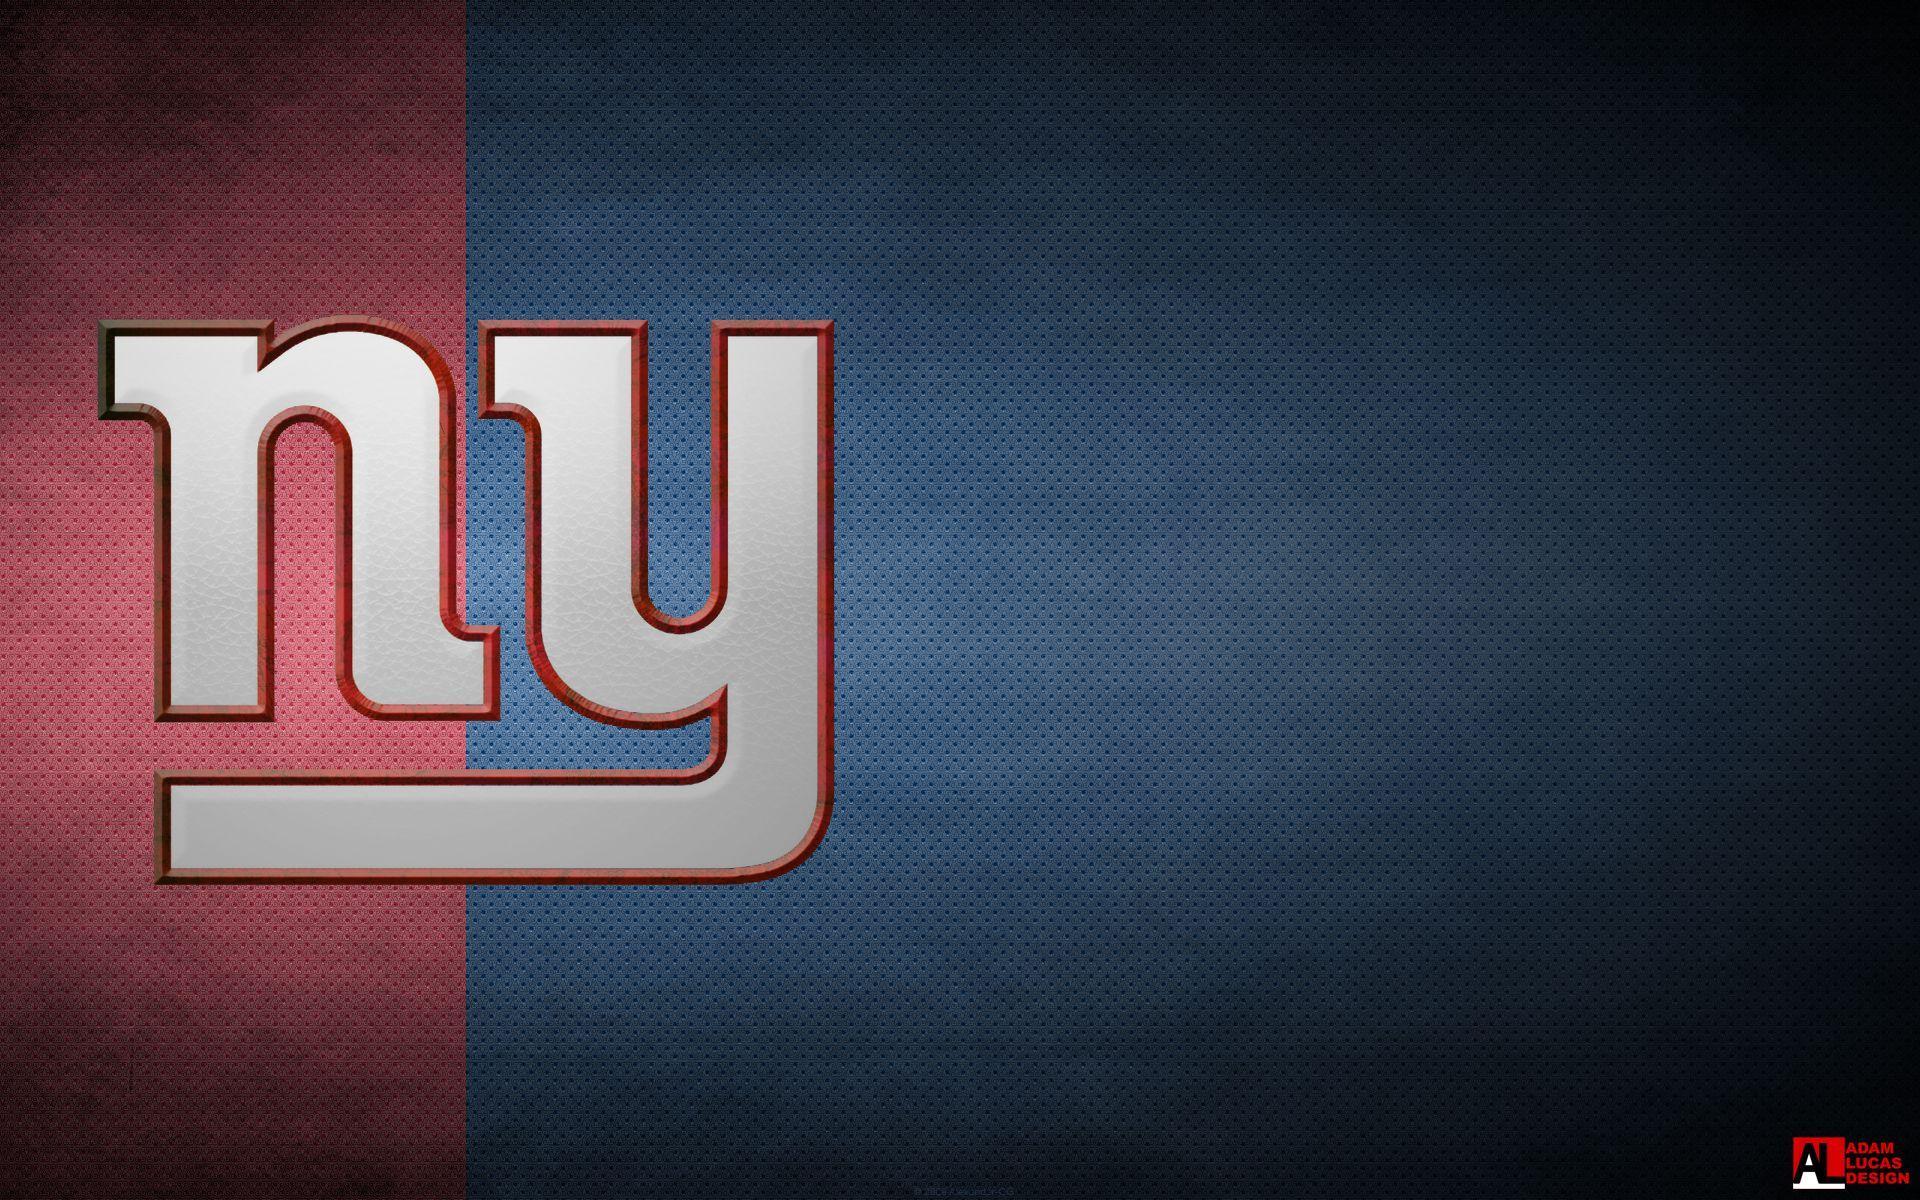 New York Giants Wallpaper Iphone Wallpaper Iphone